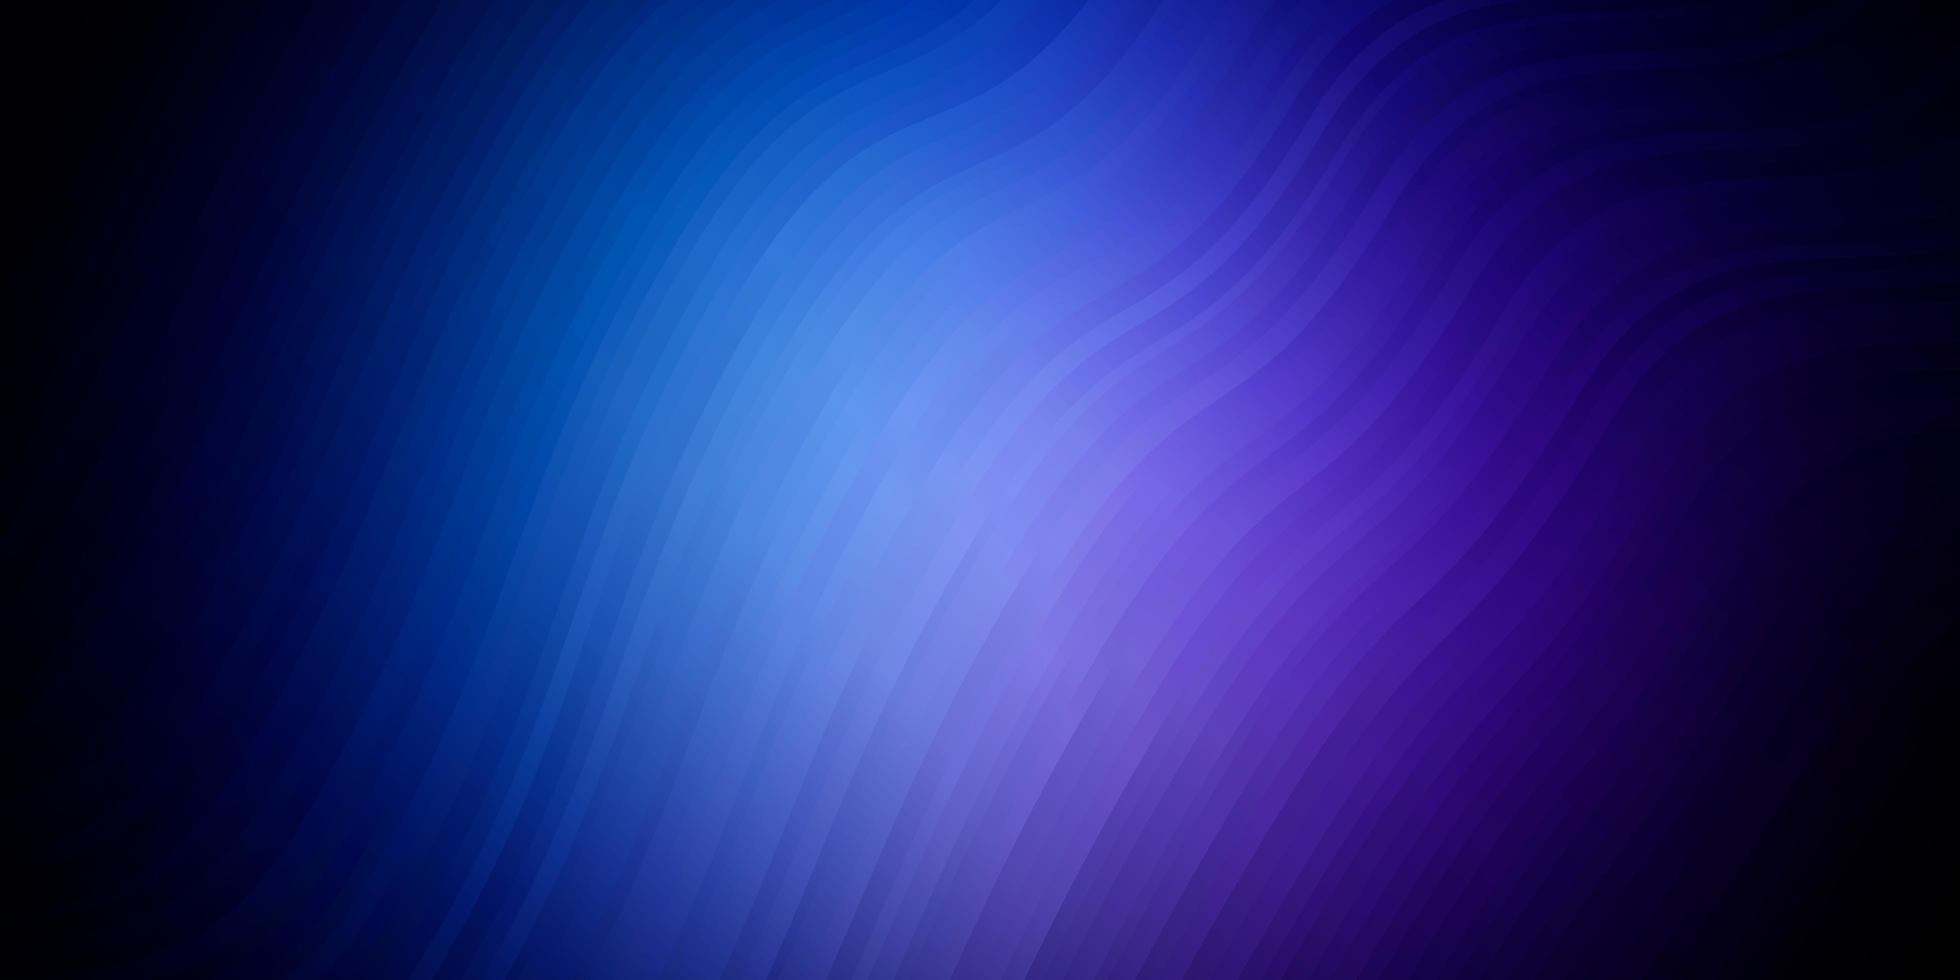 fond de vecteur rose foncé, bleu avec des lignes.